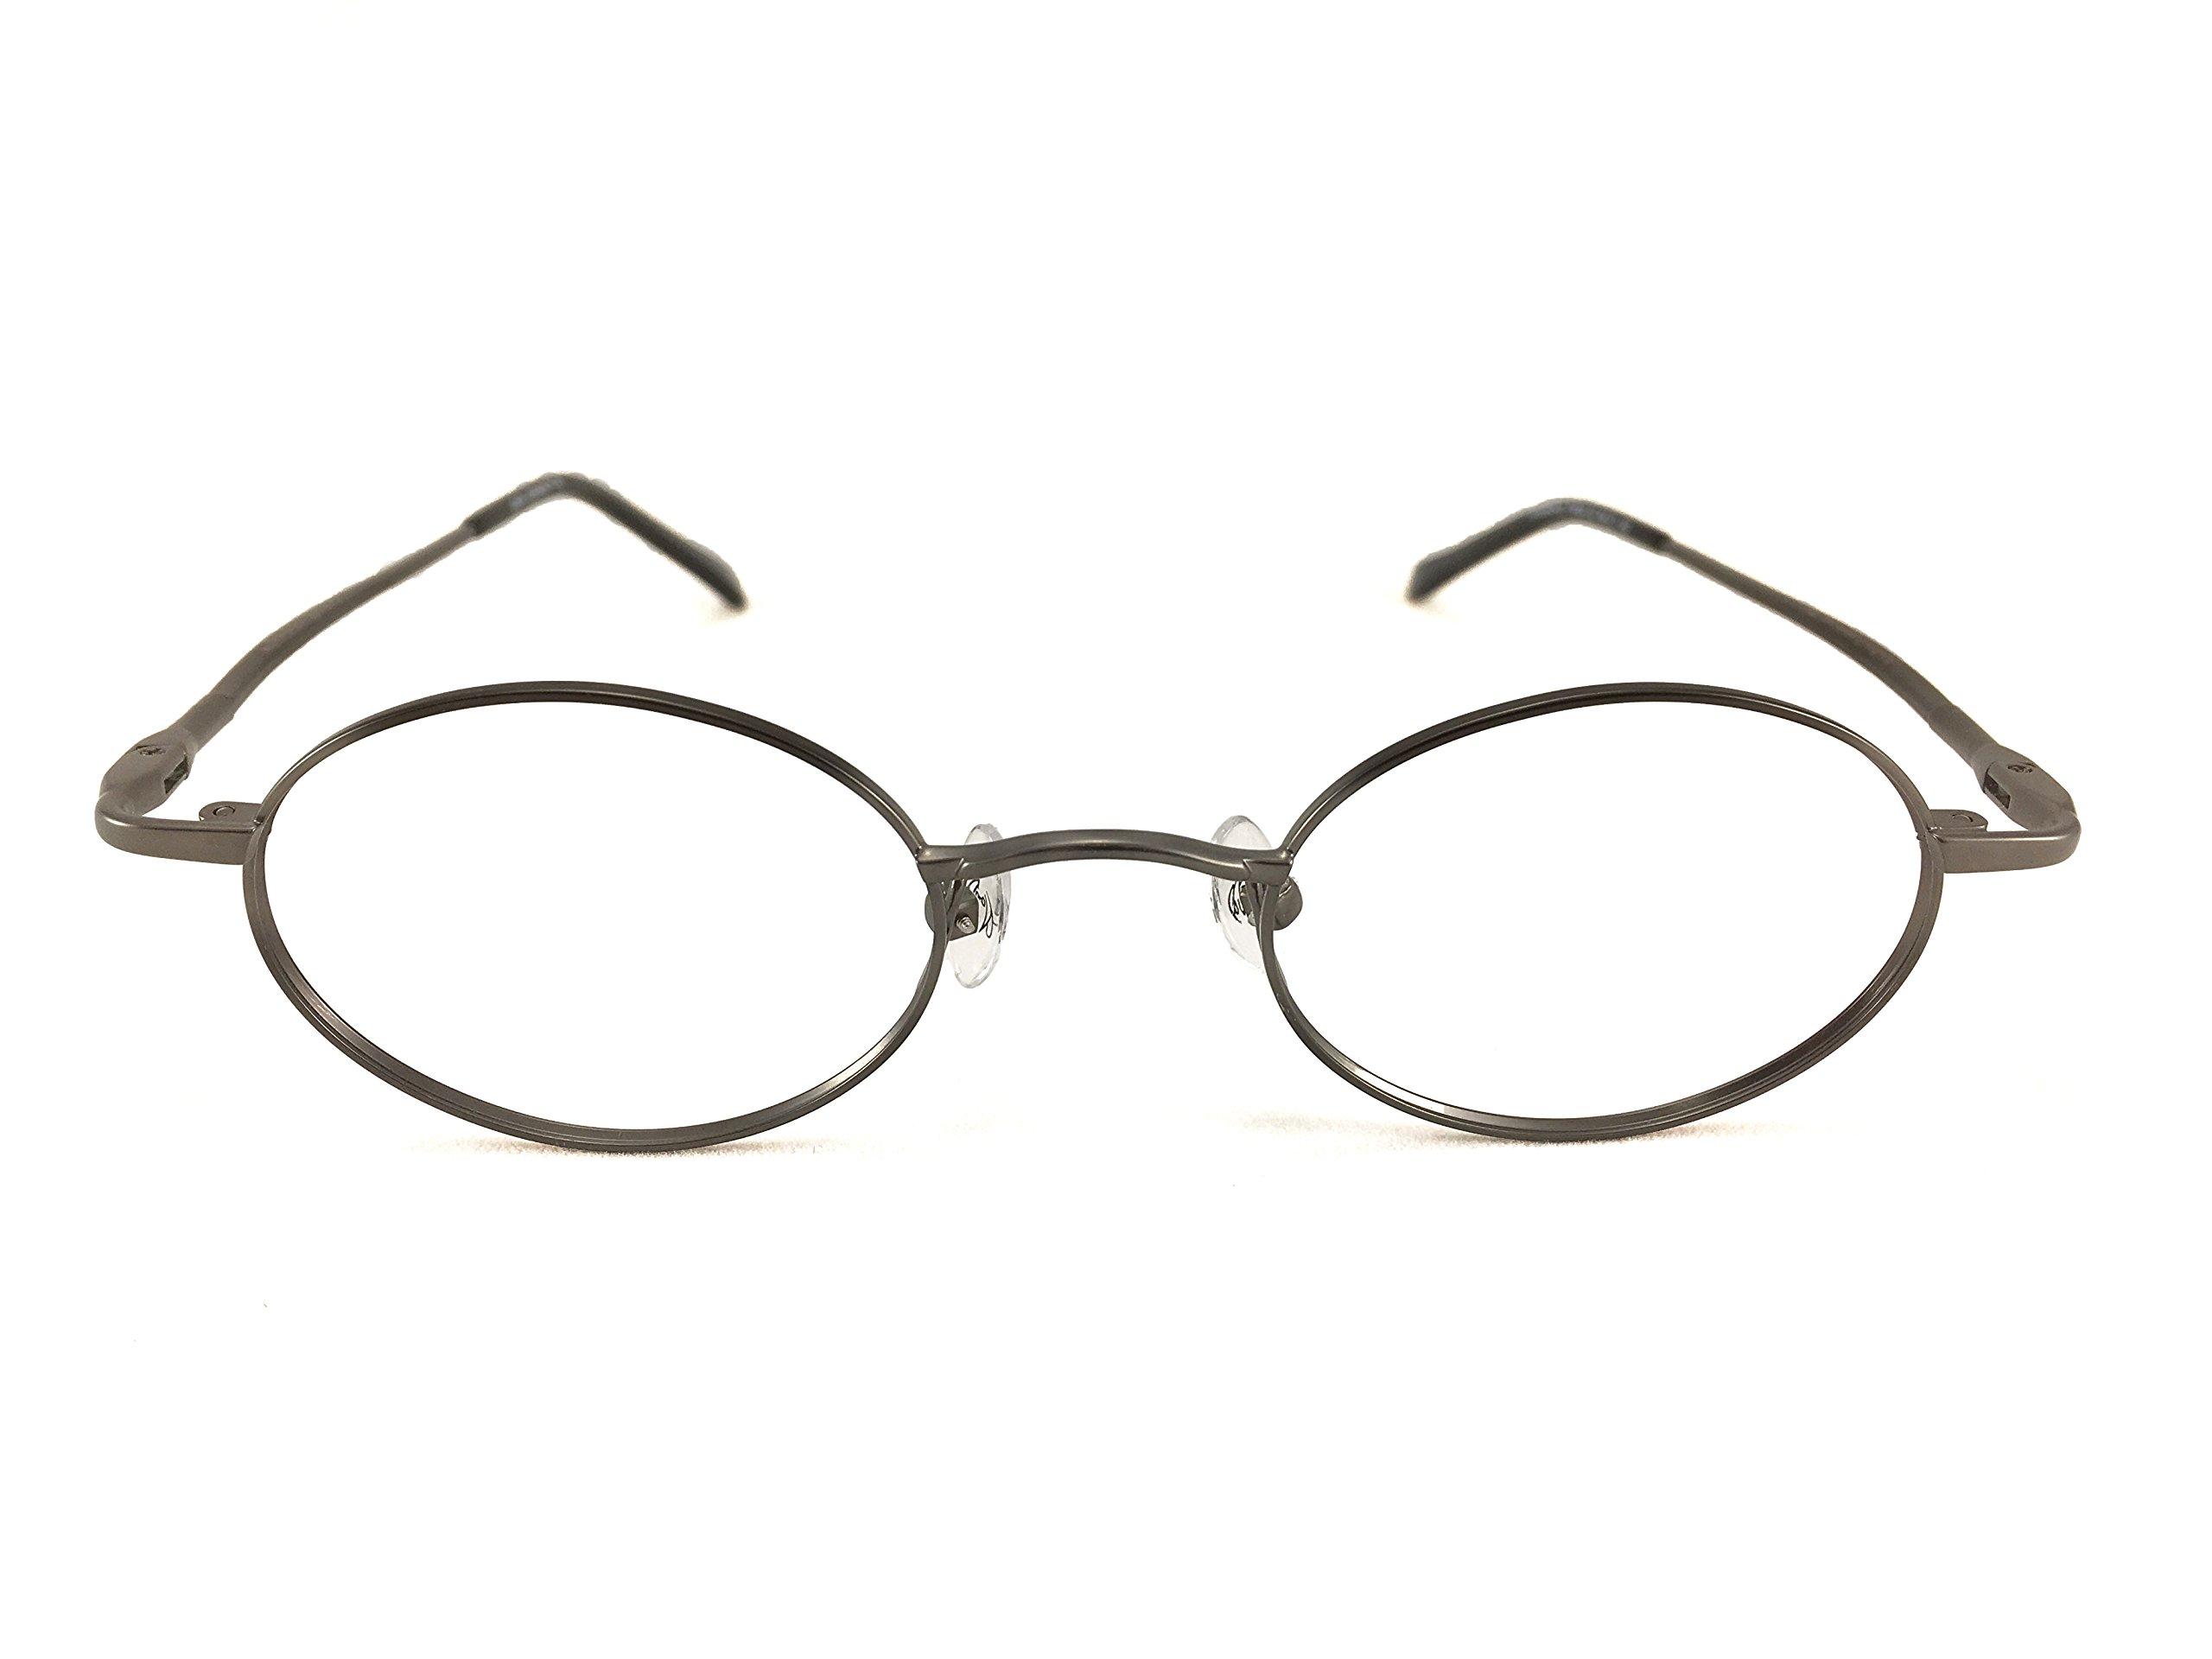 John Lennon Strawberry Fields Eyeglass Frame - Antique Pewter